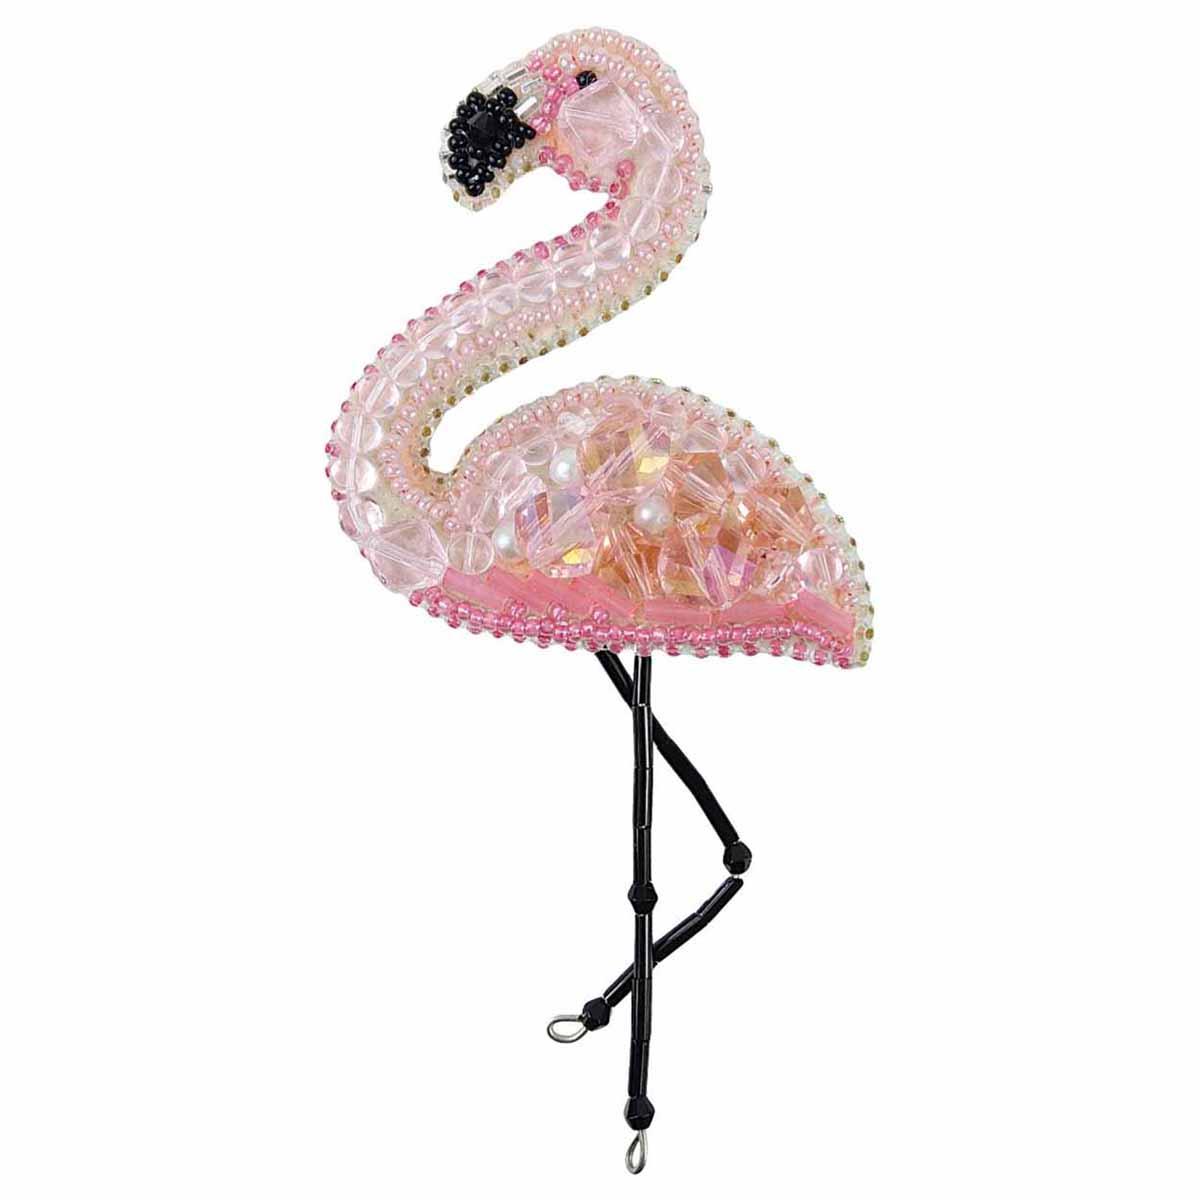 БП216 Набор для изготовления броши 'Фламинго' 6,0*12,0см